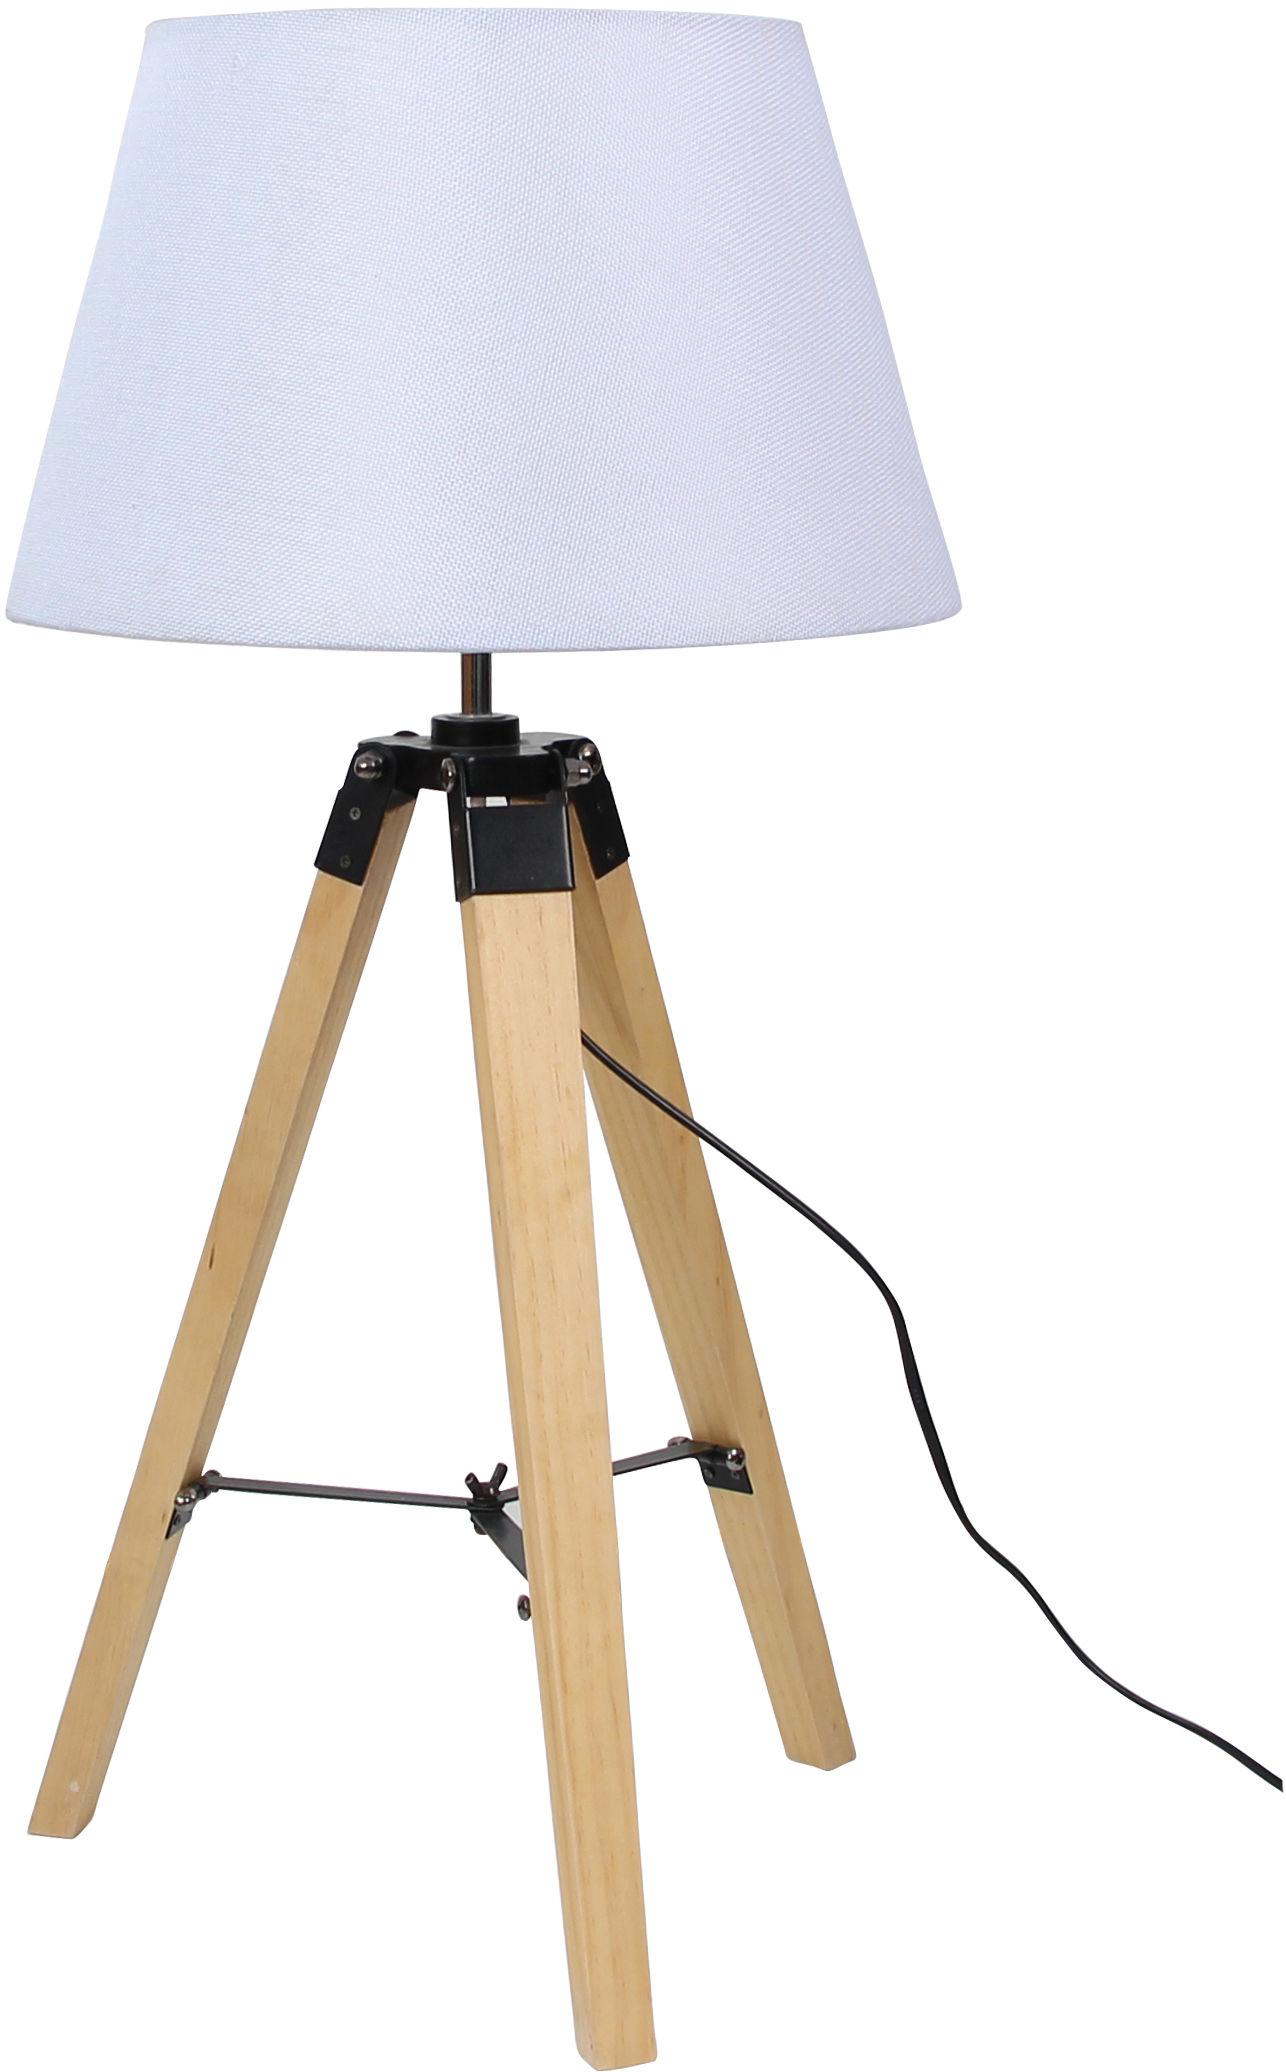 Candellux LUGANO 41-31136 lampa stołowa abażur beżowy trójnoga 1X60W E27 33 cm